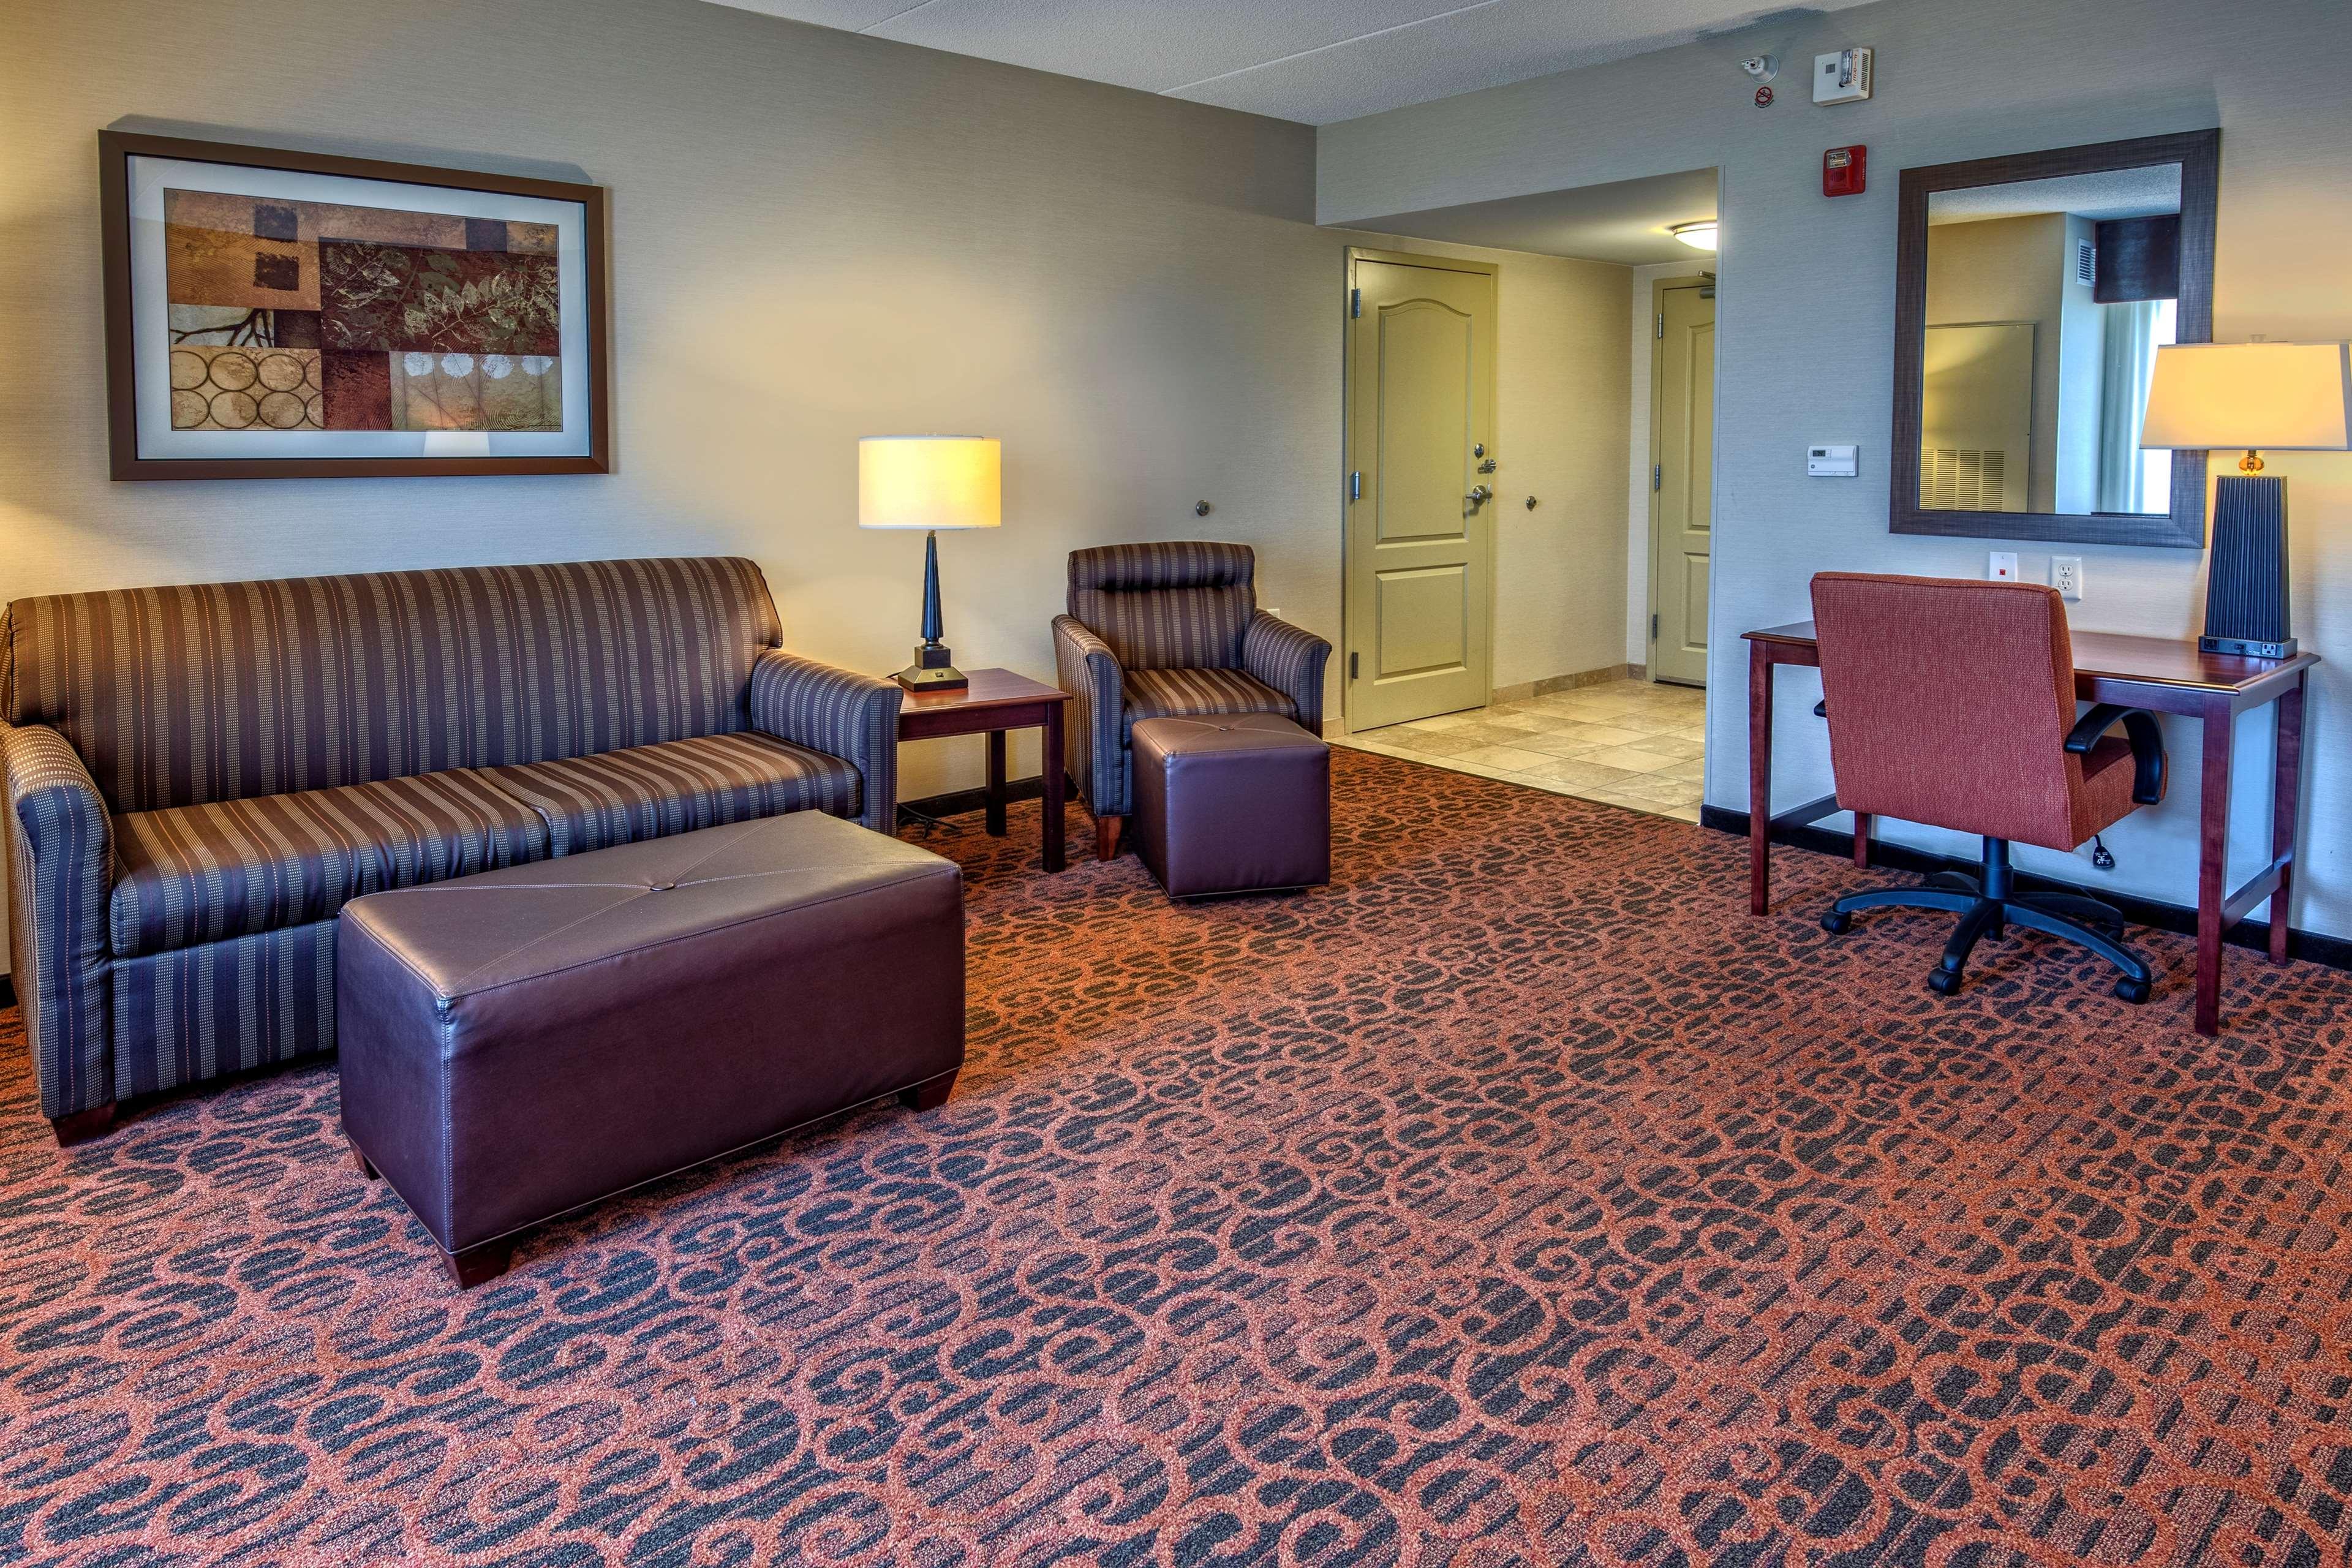 Hampton Inn Suites Minneapolis St Paul Arpt-Mall of America image 9